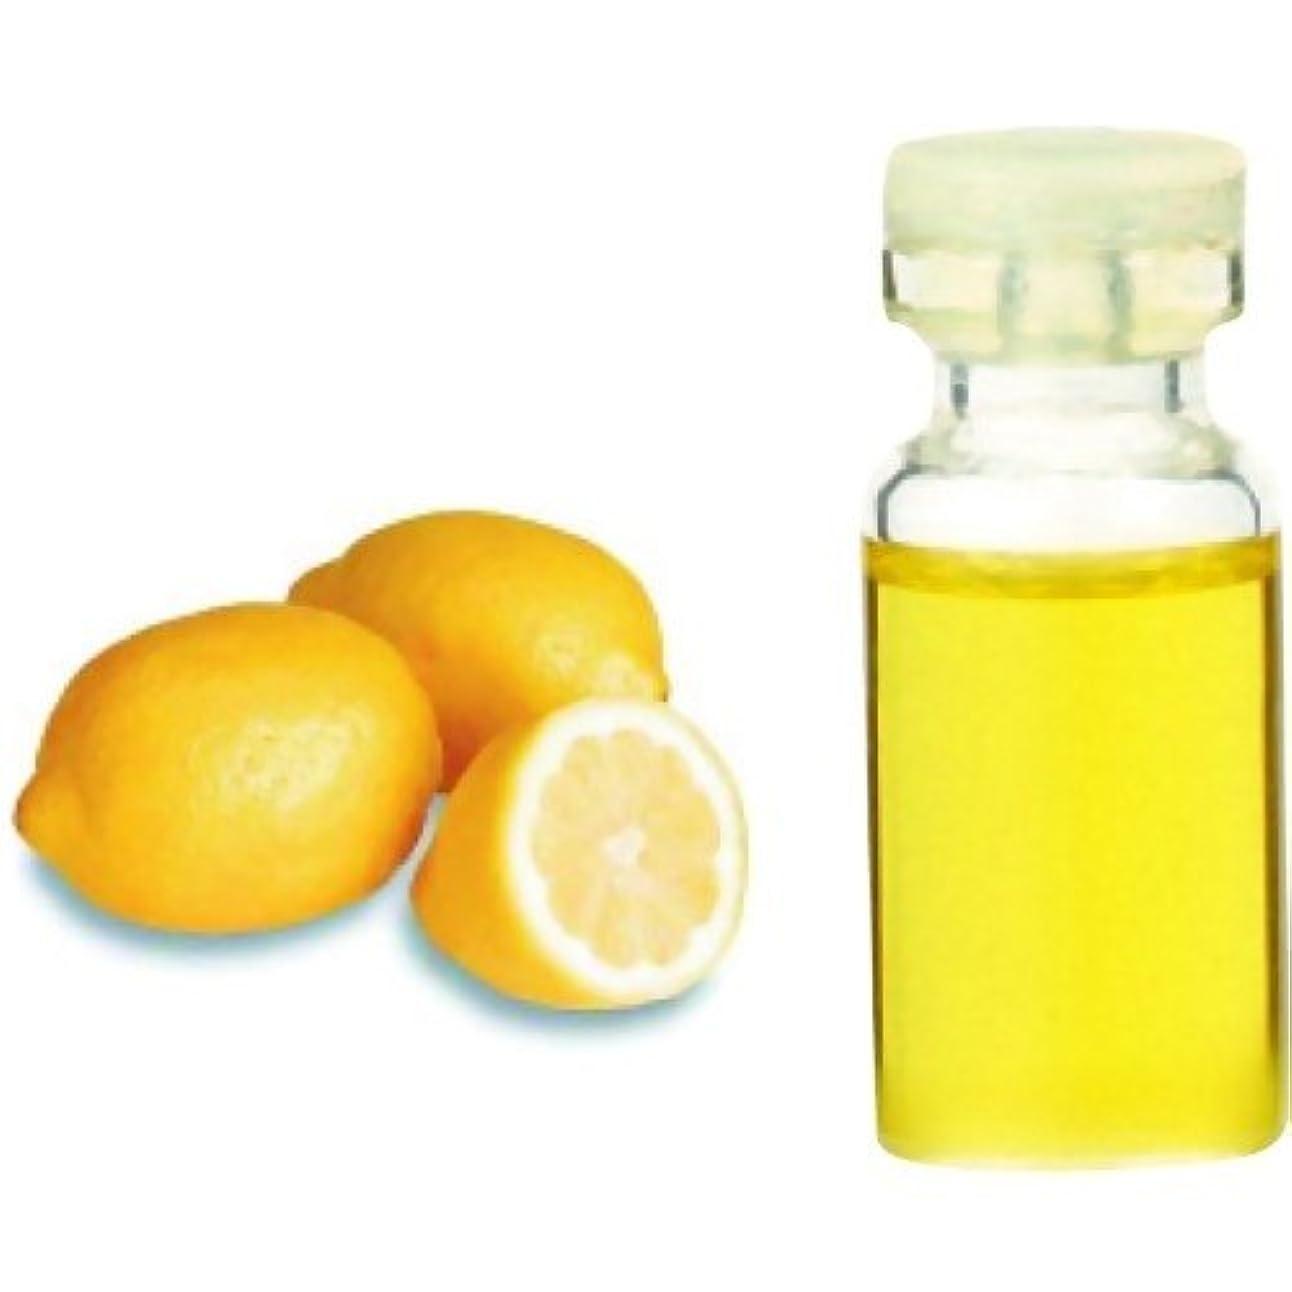 これまで療法デッド生活の木 ORGレモン 3ml